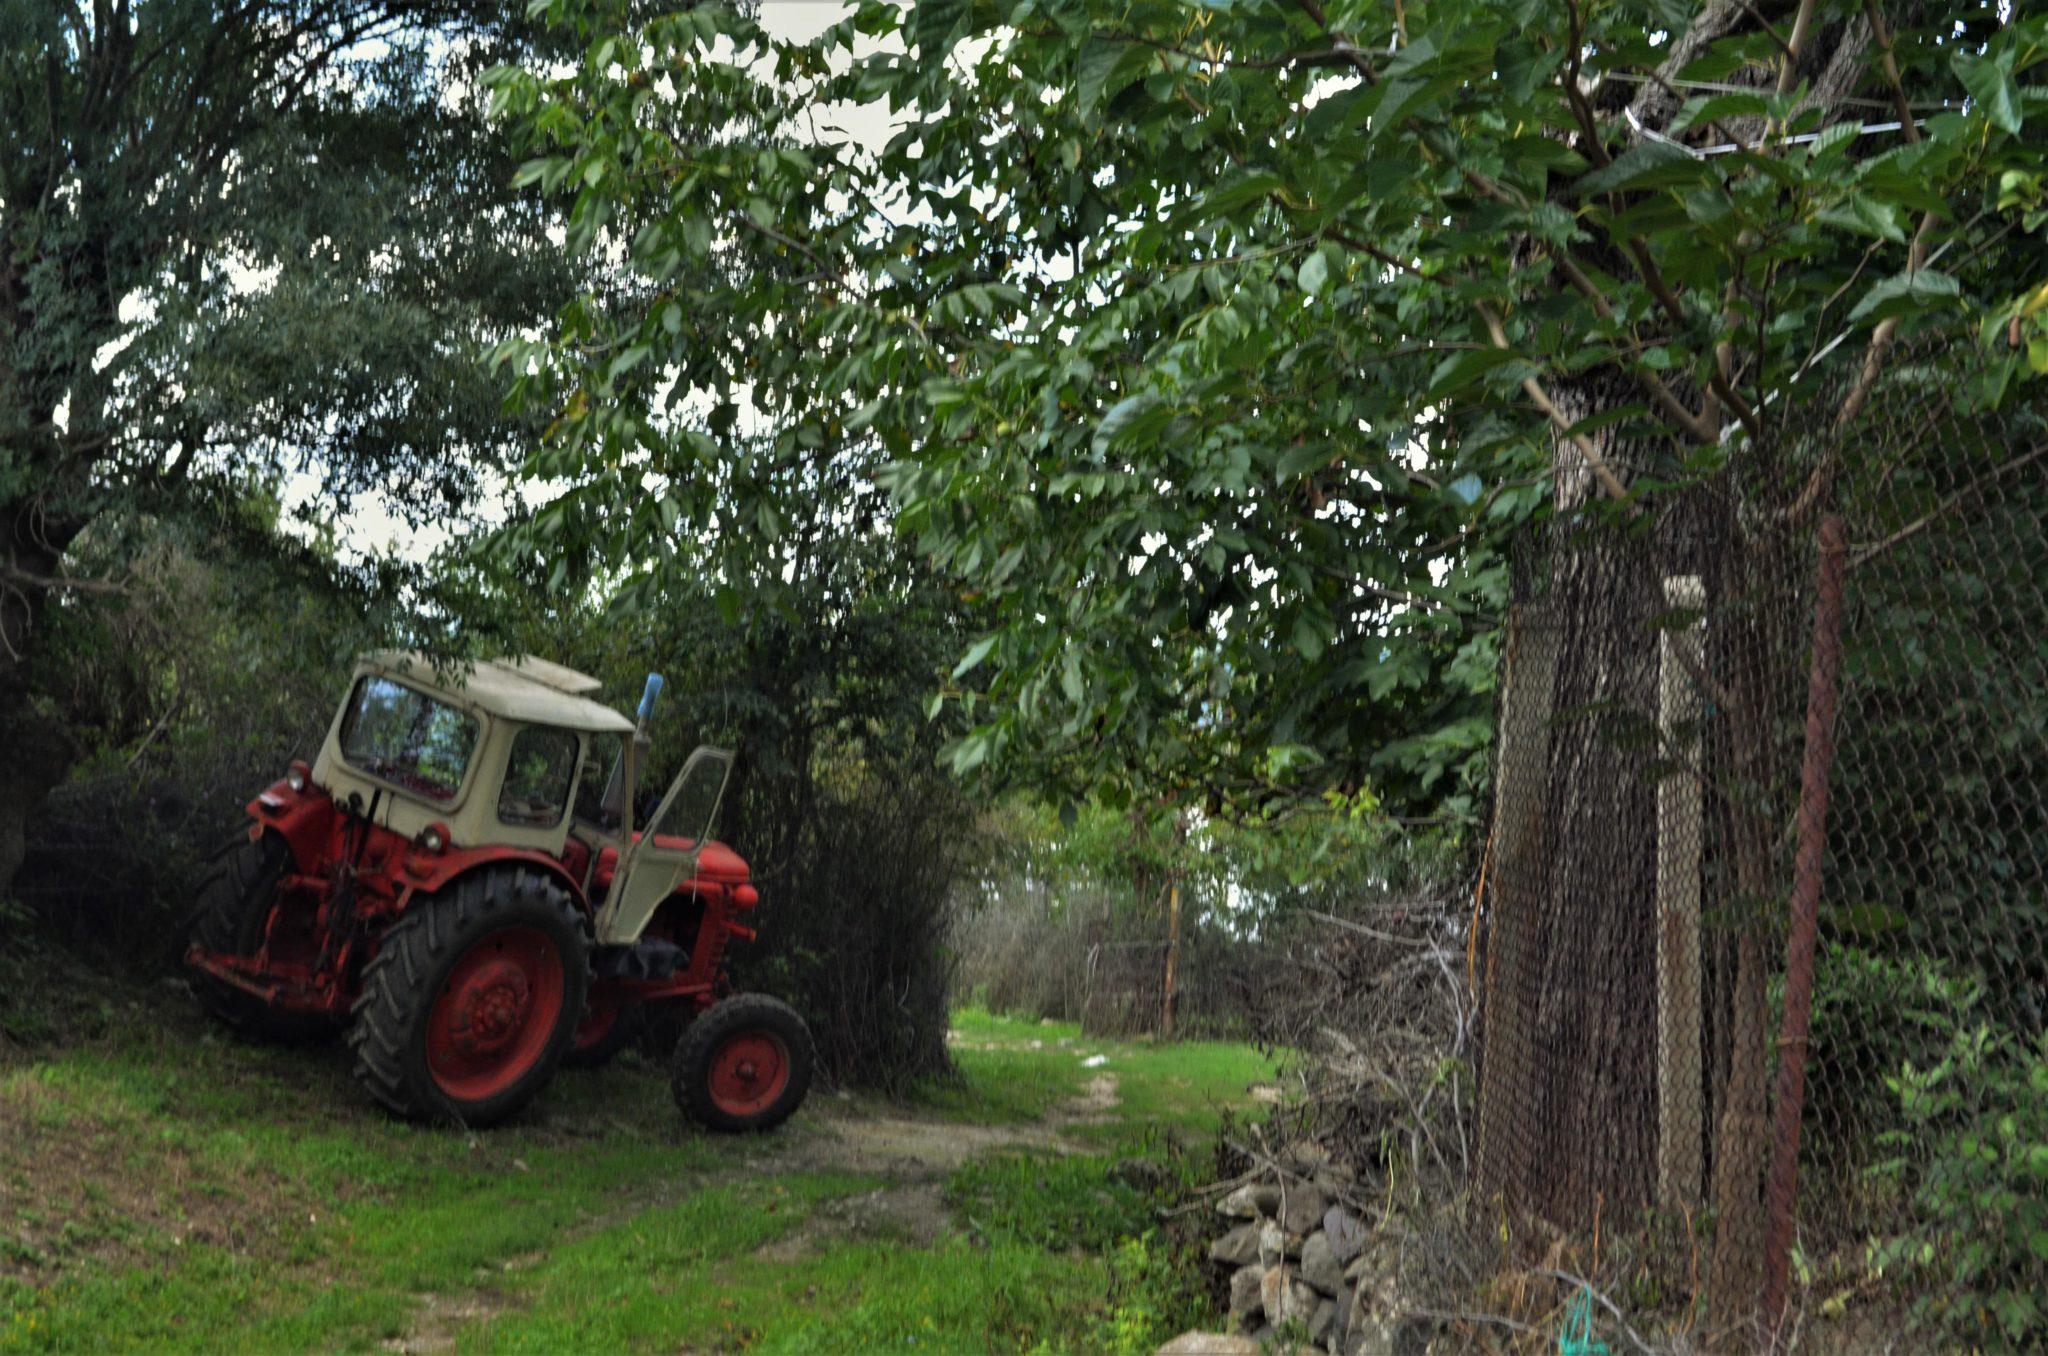 Тракторът вероятно е докаран през 10-километровия коларски път, който свързва Лисиците със с. Летовник